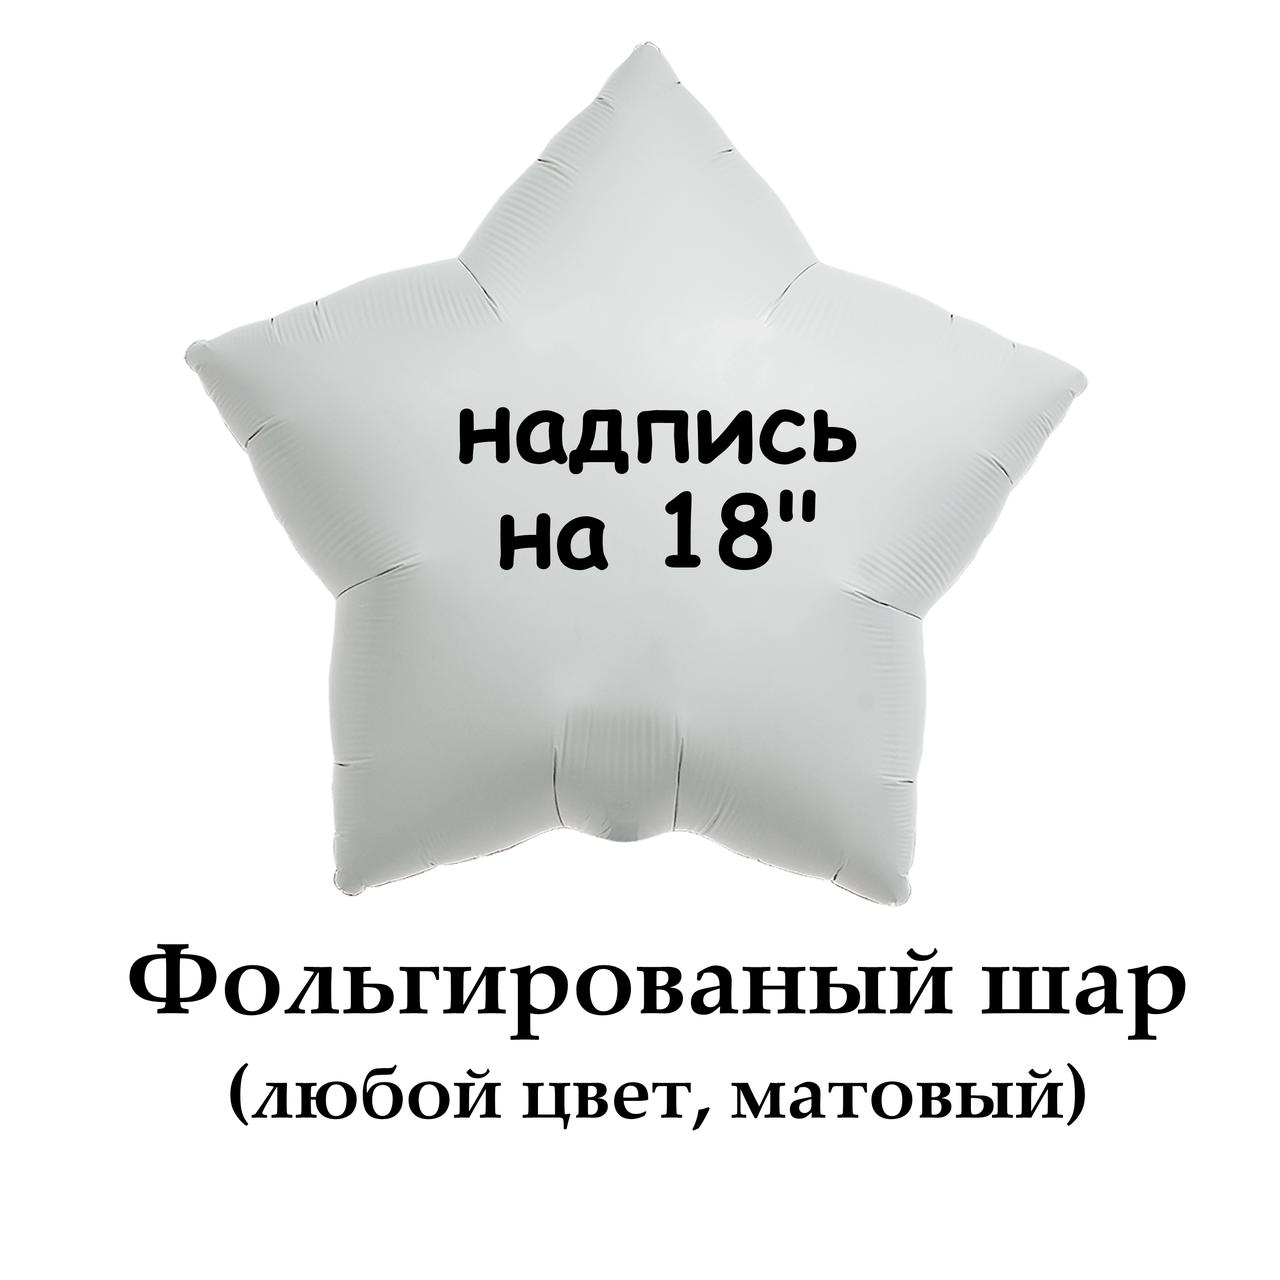 """Надпись на фольгированный шар 18"""" (цветная, матовая)"""